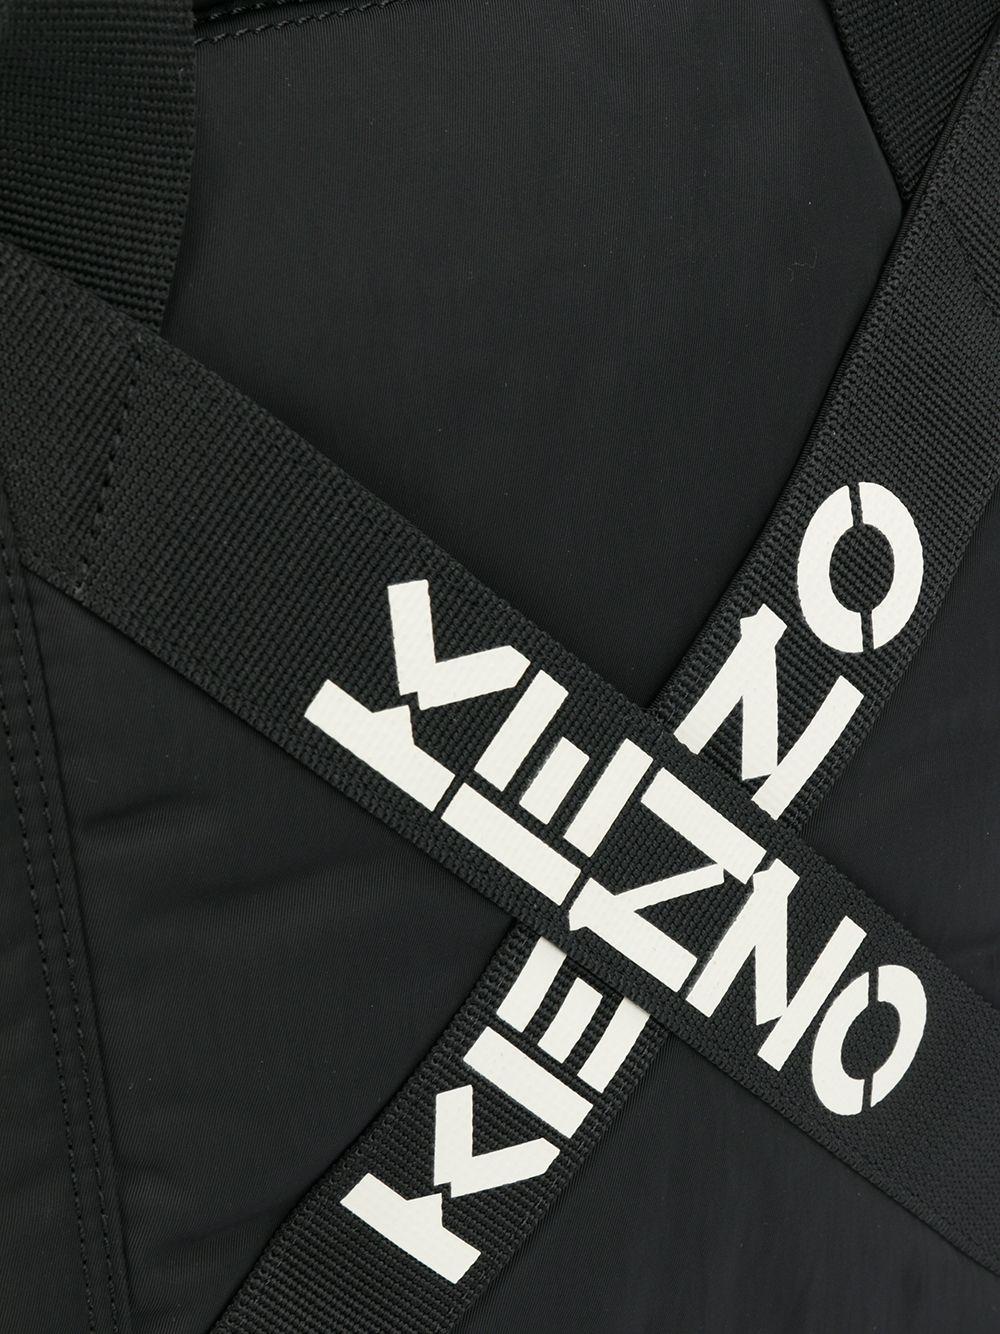 Kenzo borsa con logo uomo KENZO   Borse   FA62SA227F2199